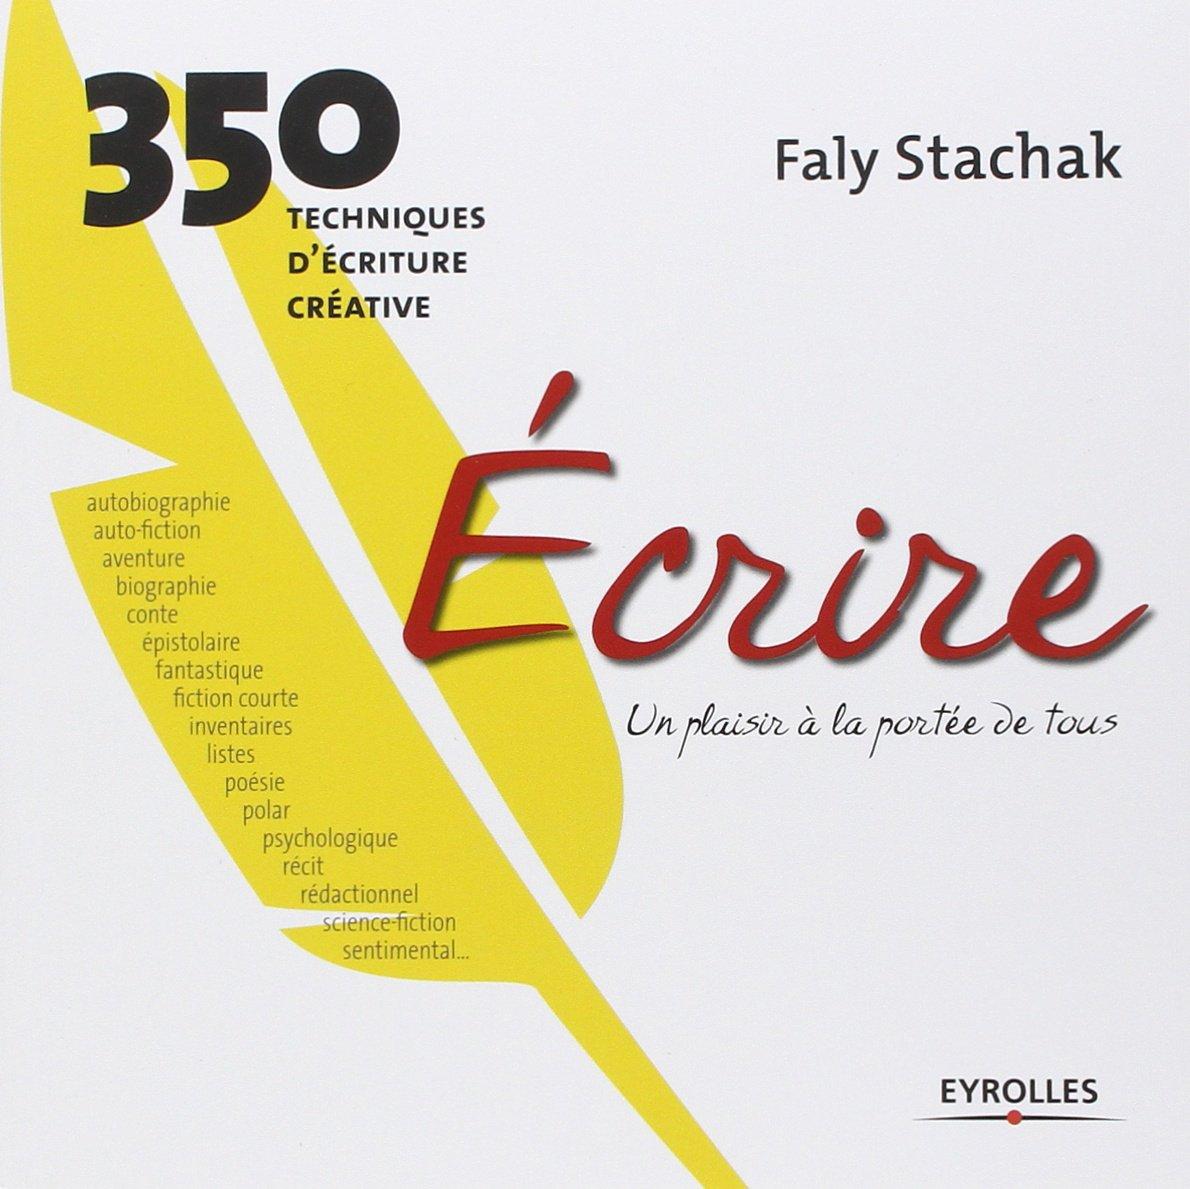 Amazon.fr - Écrire - un plaisir à la portée de tous: 350 techniques d' écriture créative - Faly Stachak - Livres